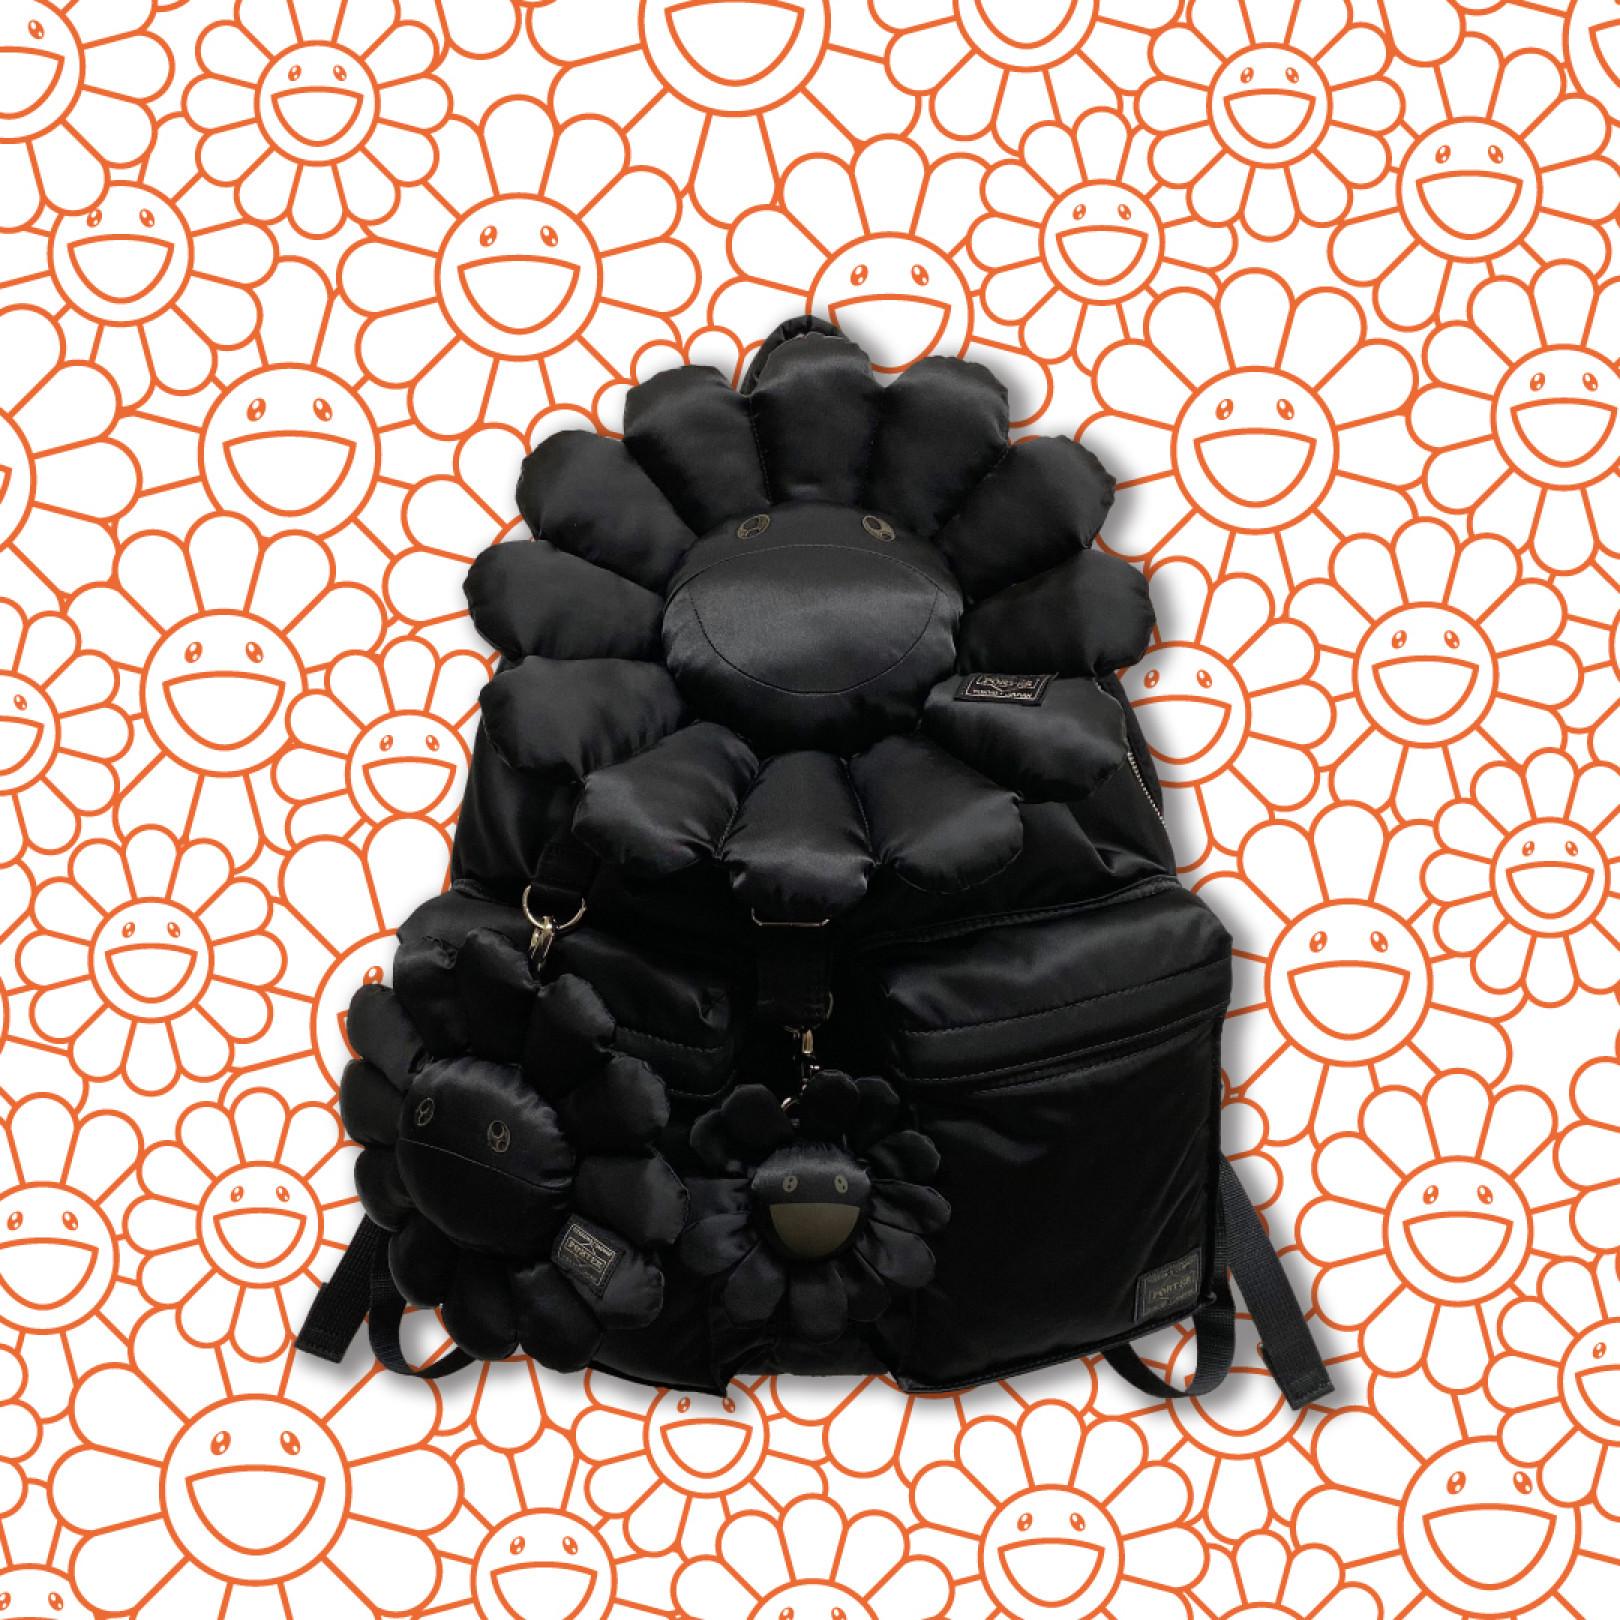 「村上隆×ポーター」コラボレーションバッグに新色のブラックが登場